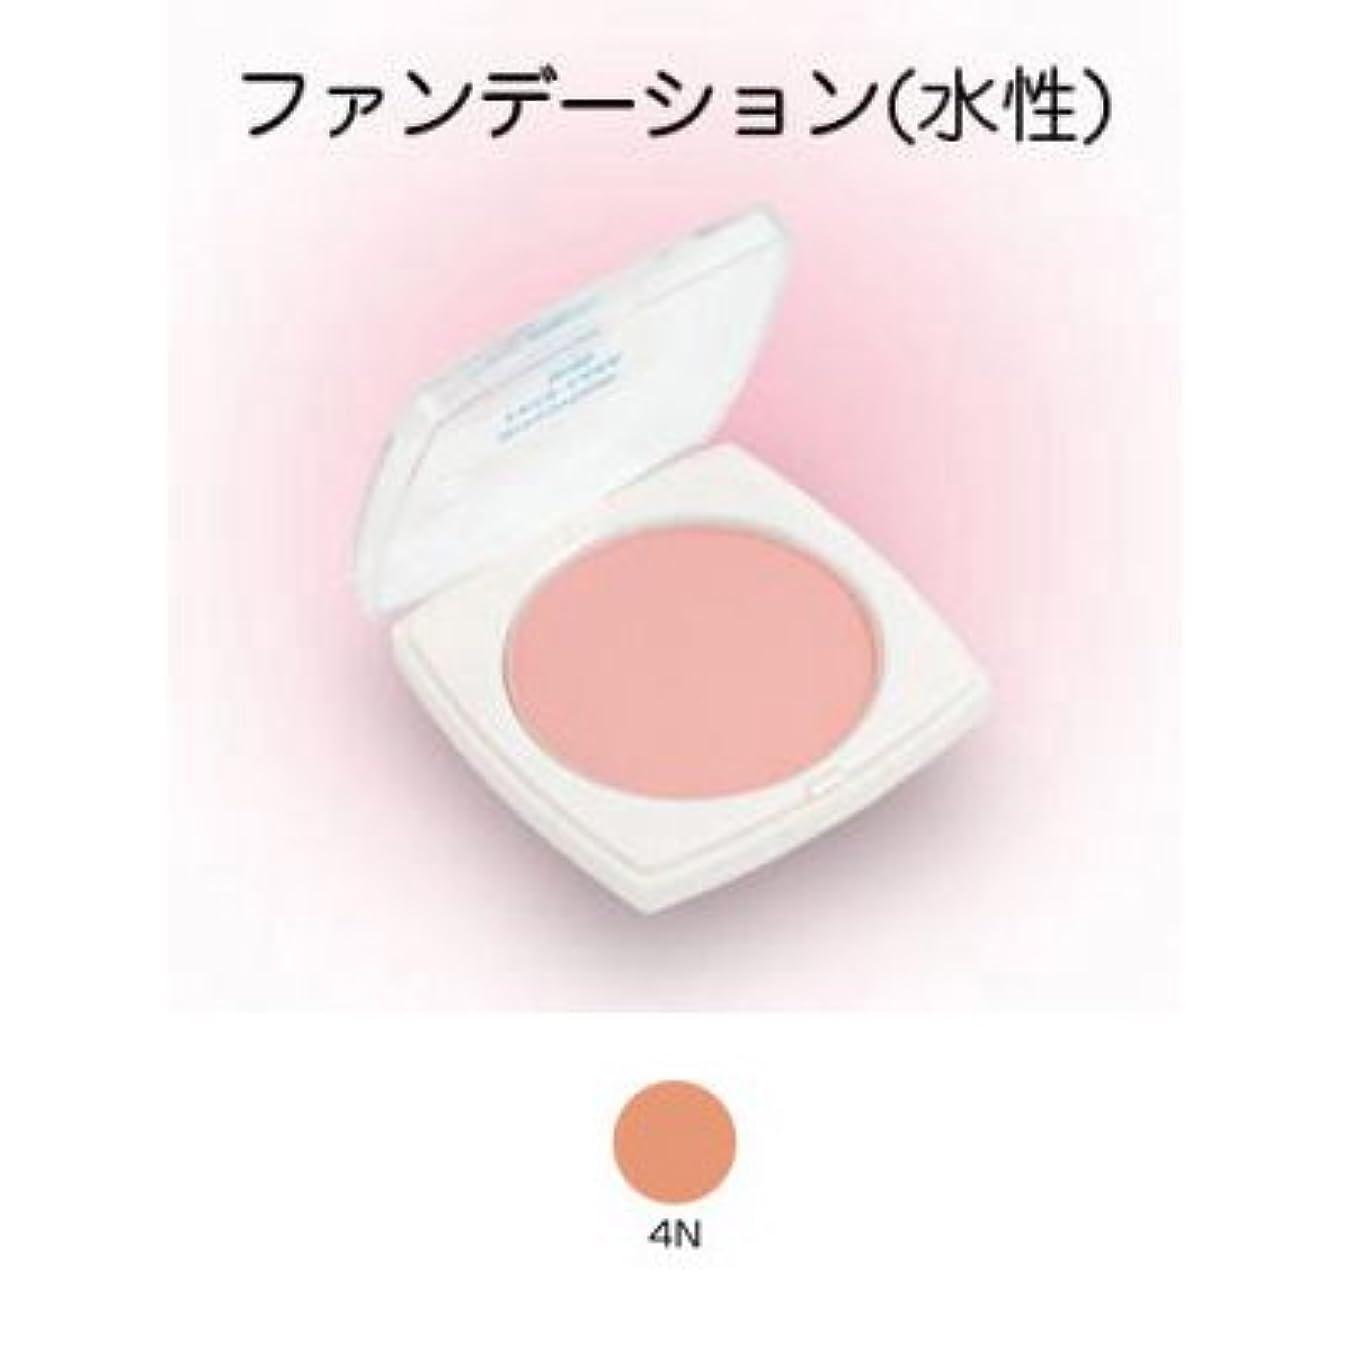 うがい薬からかう火傷フェースケーキ ミニ 17g 4N 【三善】